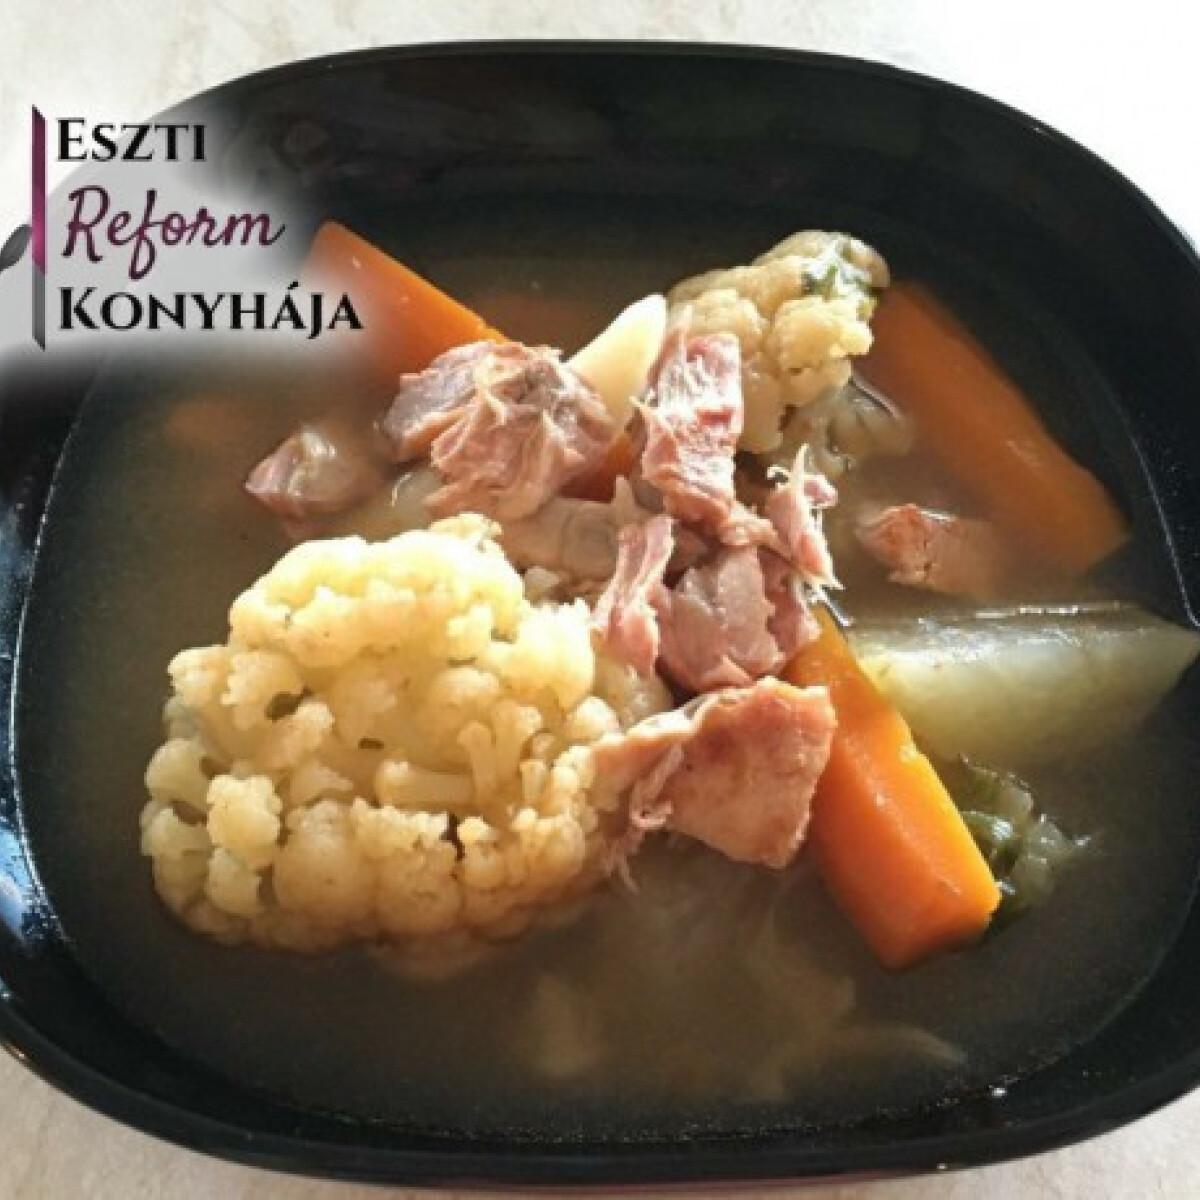 Húsleves Eszti reform konyhájából